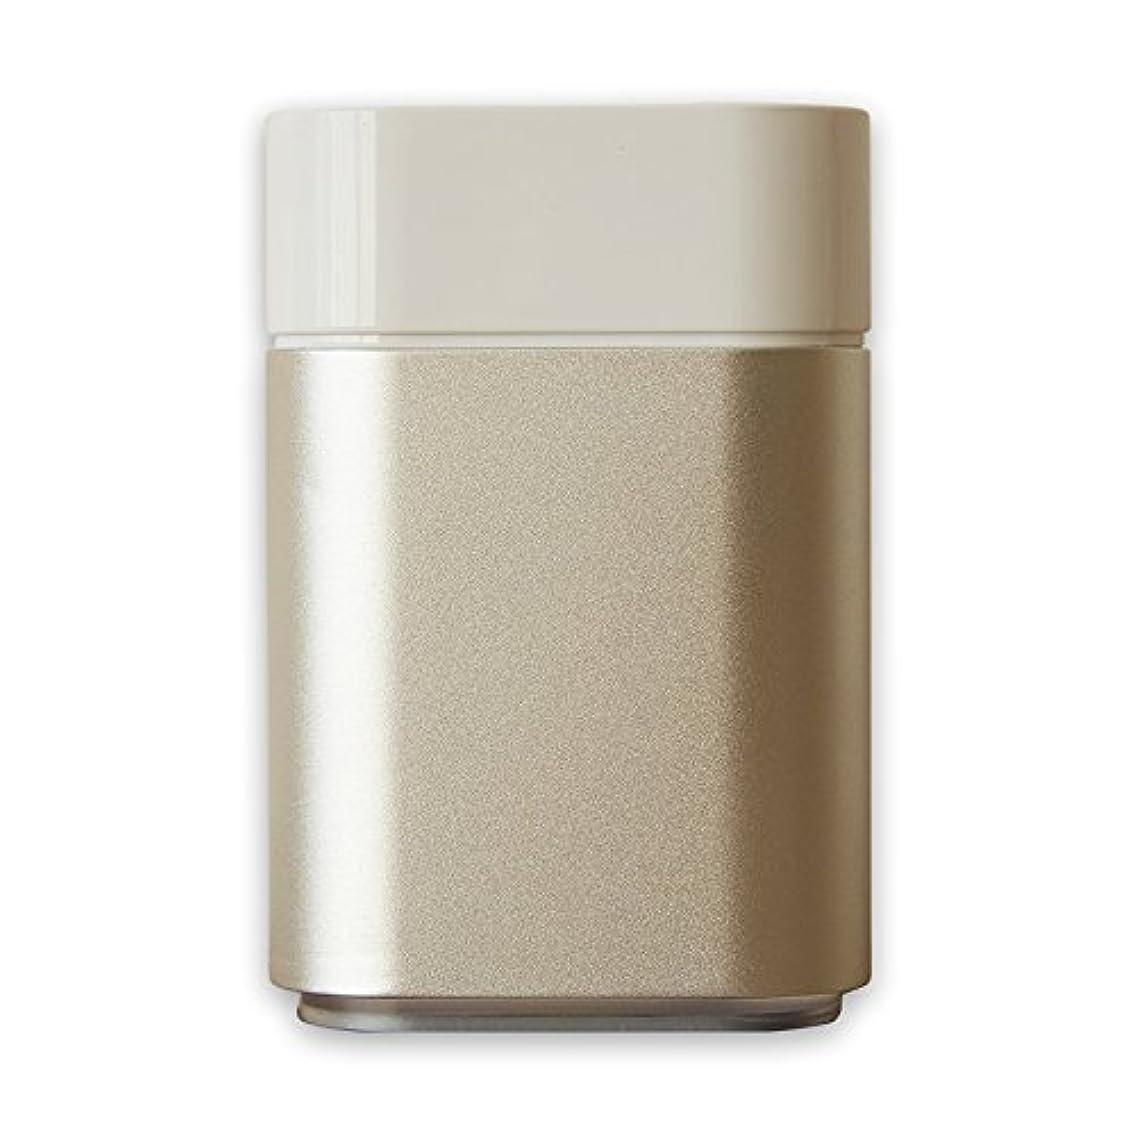 ほぼのぞき見パイプラインアロマディフューザー UR-AROMA04 卓上 小型 Uruon(ウルオン)水を使わない アロマ ネブライザー式 水なし ダイレクトオイル 製油瓶直噴式 超音波式 USB 卓上 油性 水性 静音 アロマオイル